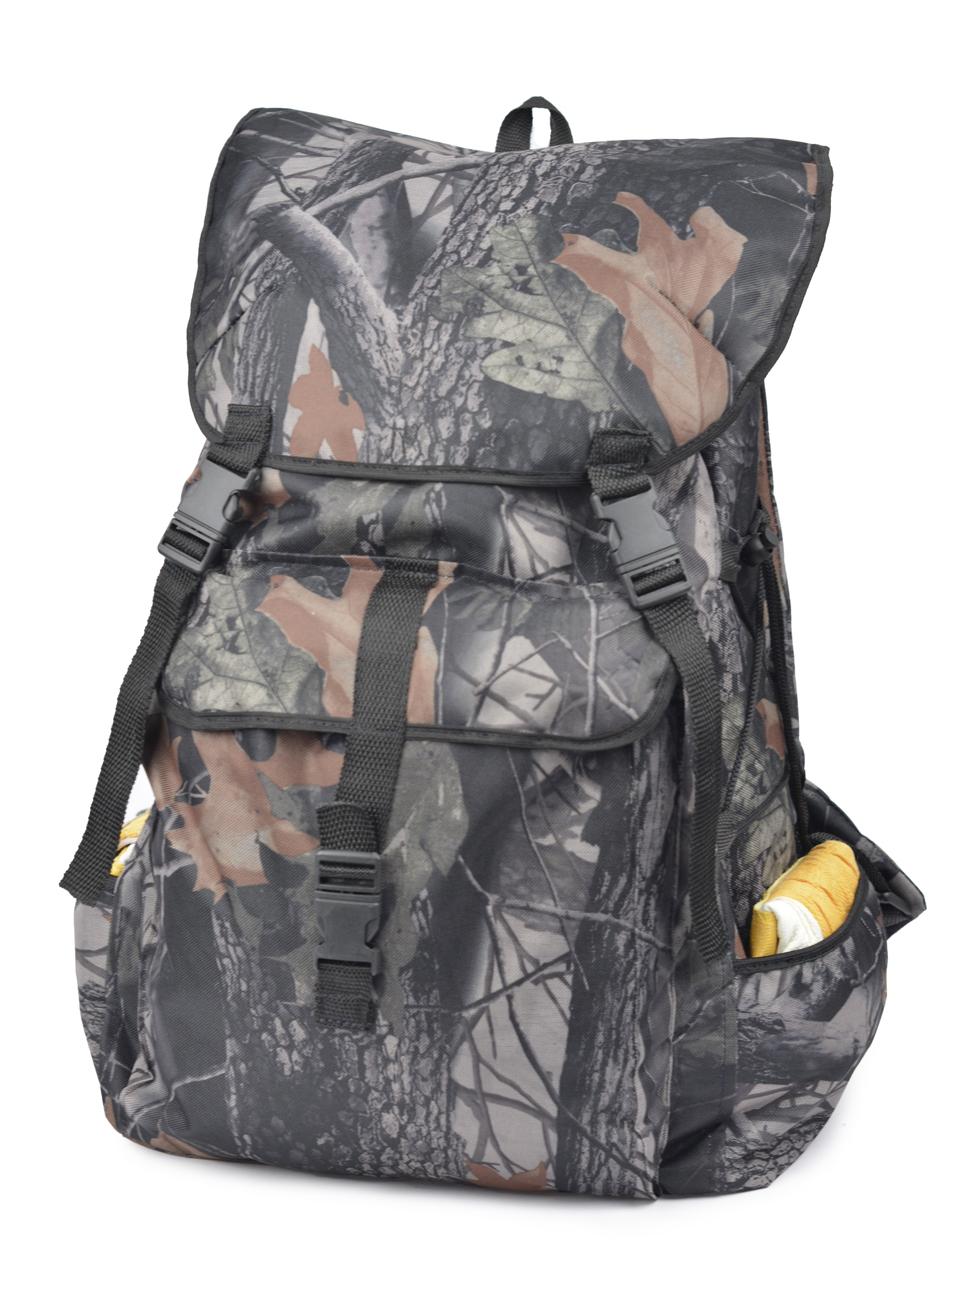 Рюкзак Охота 80 литровРюкзаки<br>Недорогой практичный рюкзак ОХОТА выполнен <br>из ткани оксфорд 600D с водоотталкивающей <br>пропиткой, которая защищает от осадков <br>и облегчает чистку изделия. Упрощенная <br>конструкция имеет один основной отсек, <br>горловина которого утягивается шнуром <br>и фиксируется при помощи кулиски. Для максимальной <br>защиты рюкзак закрывается откидным клапаном <br>с фиксацией на два ремешка с фастексами. <br>Извне имеются три накладных карман. По бокам <br>предусмотрена шнуровка для утяжки. Анатомическая <br>прокладка на спинке. Плечевые лямки регулируются <br>по росту. Подходит для охоты, рыбалки и активного <br>отдыха.<br><br>Пол: унисекс<br>Сезон: все сезоны<br>Цвет: коричневый